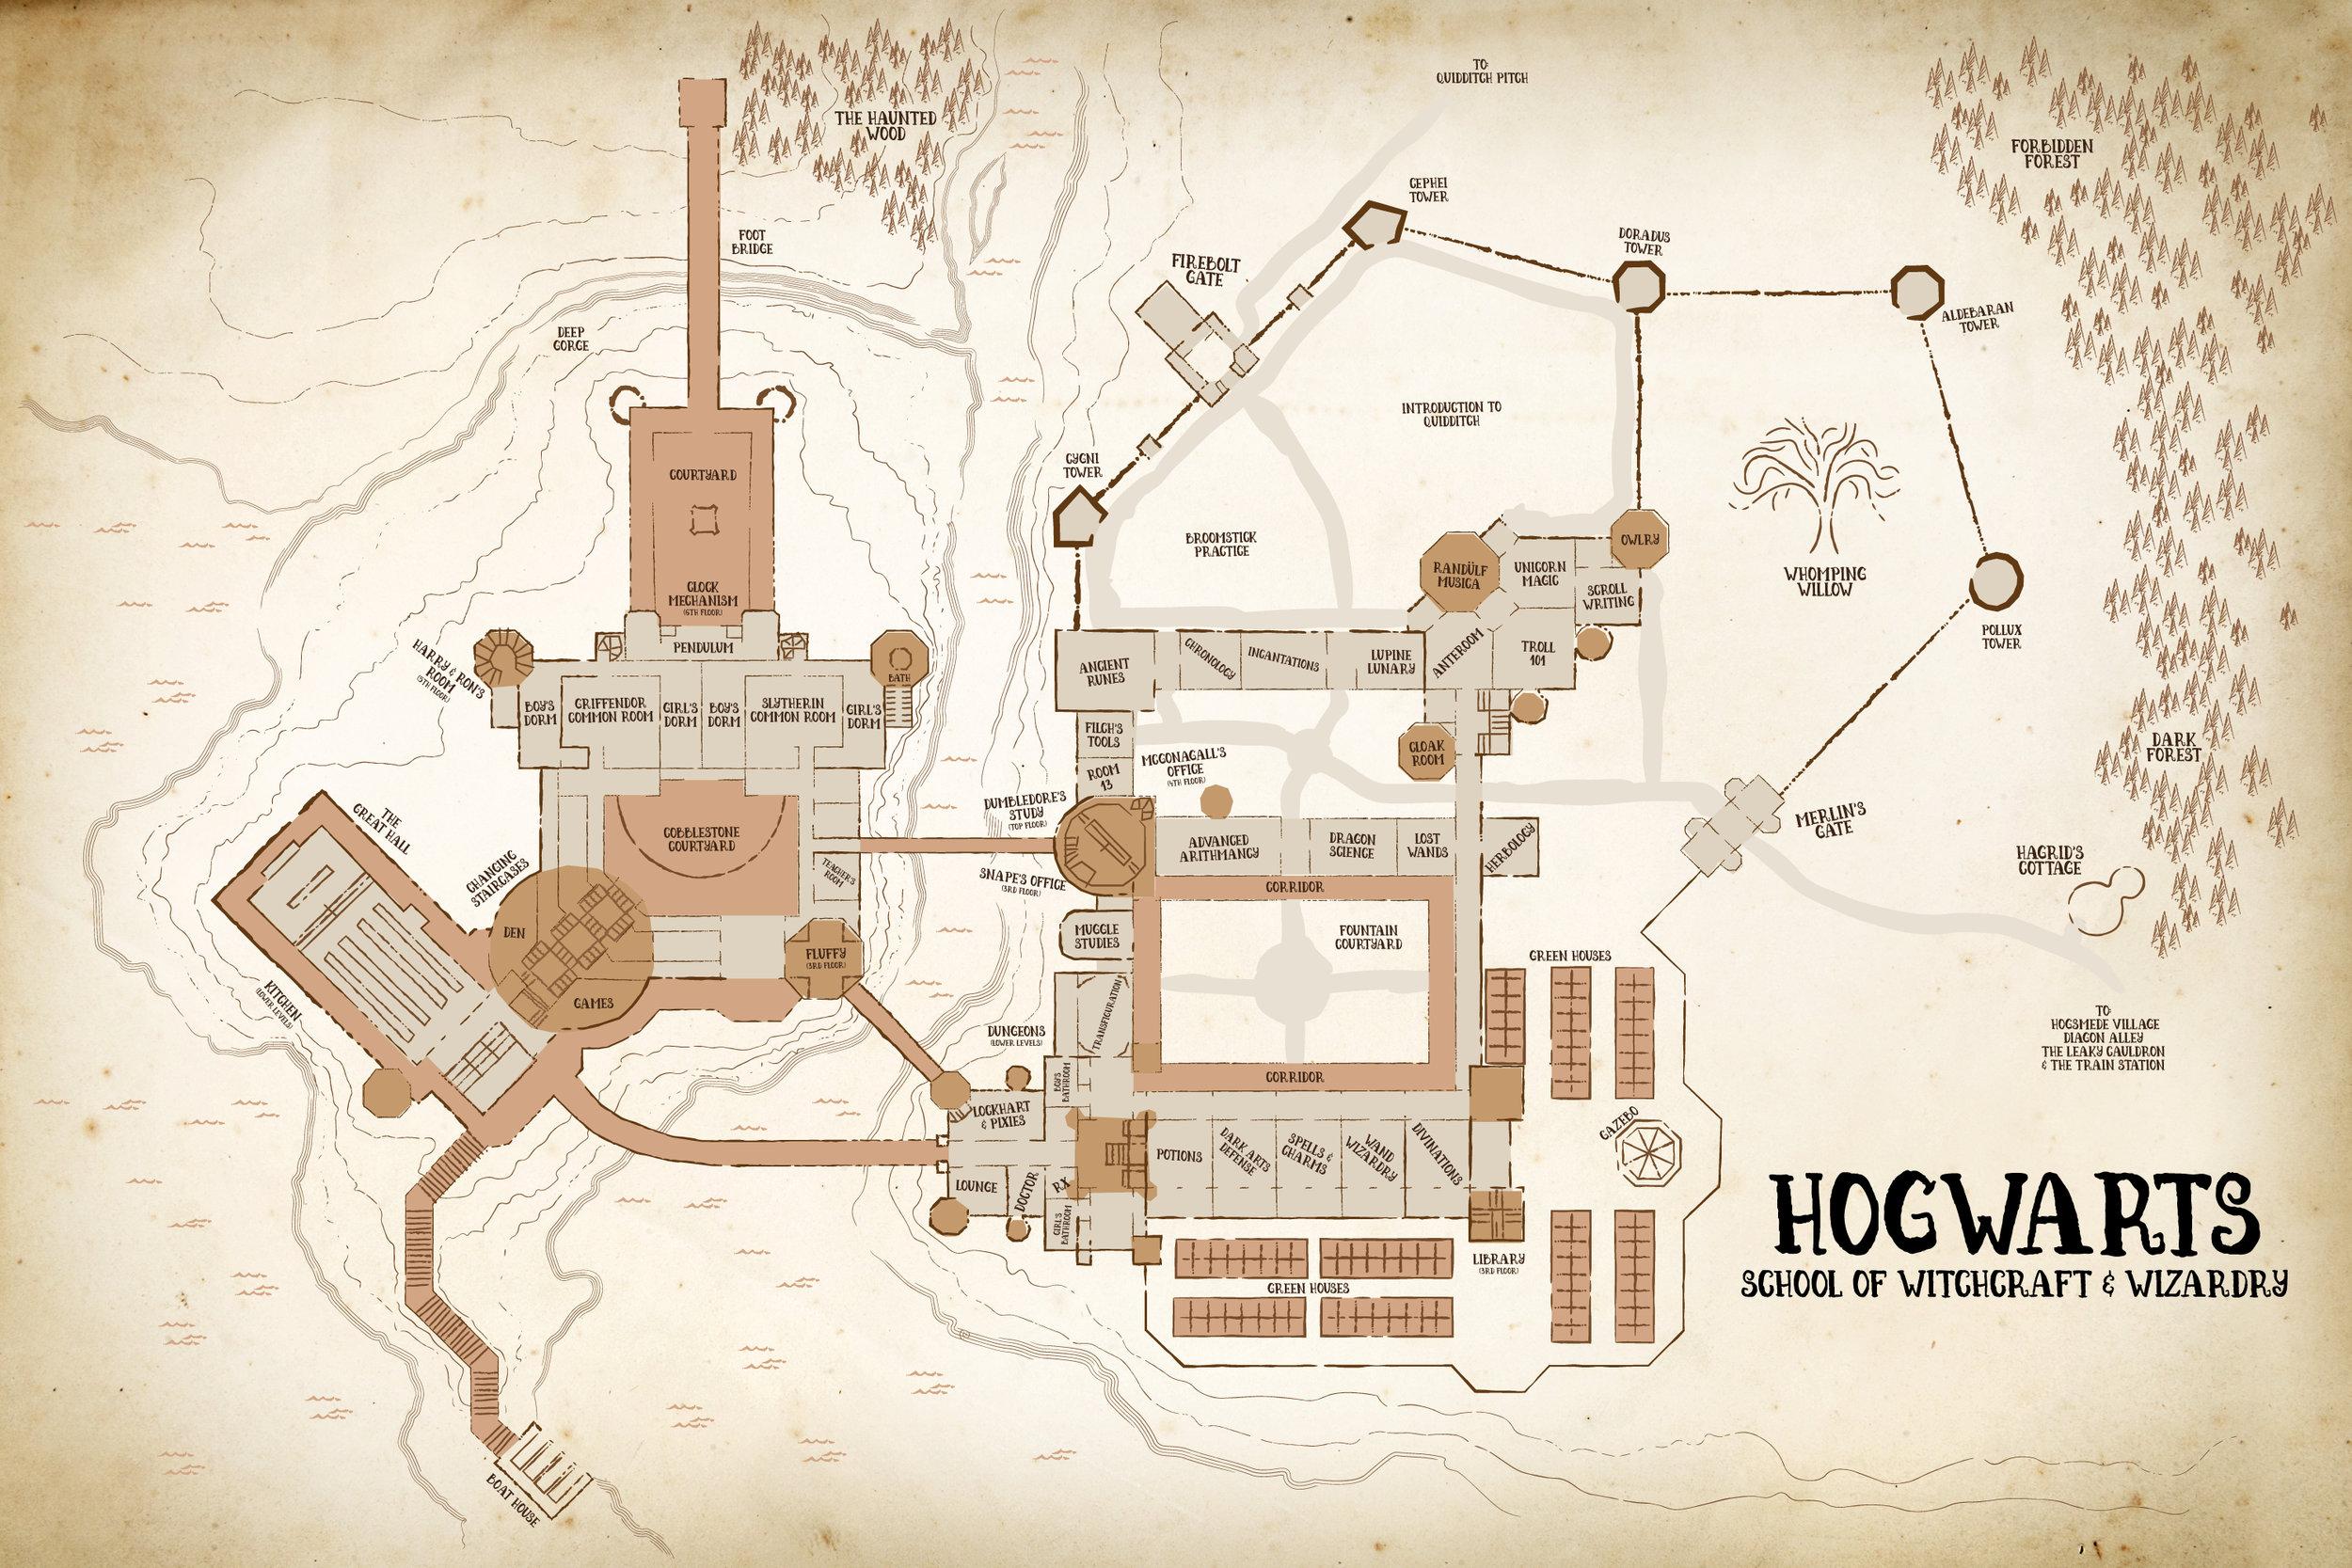 Hogwarts_2019_3000x2000.jpg